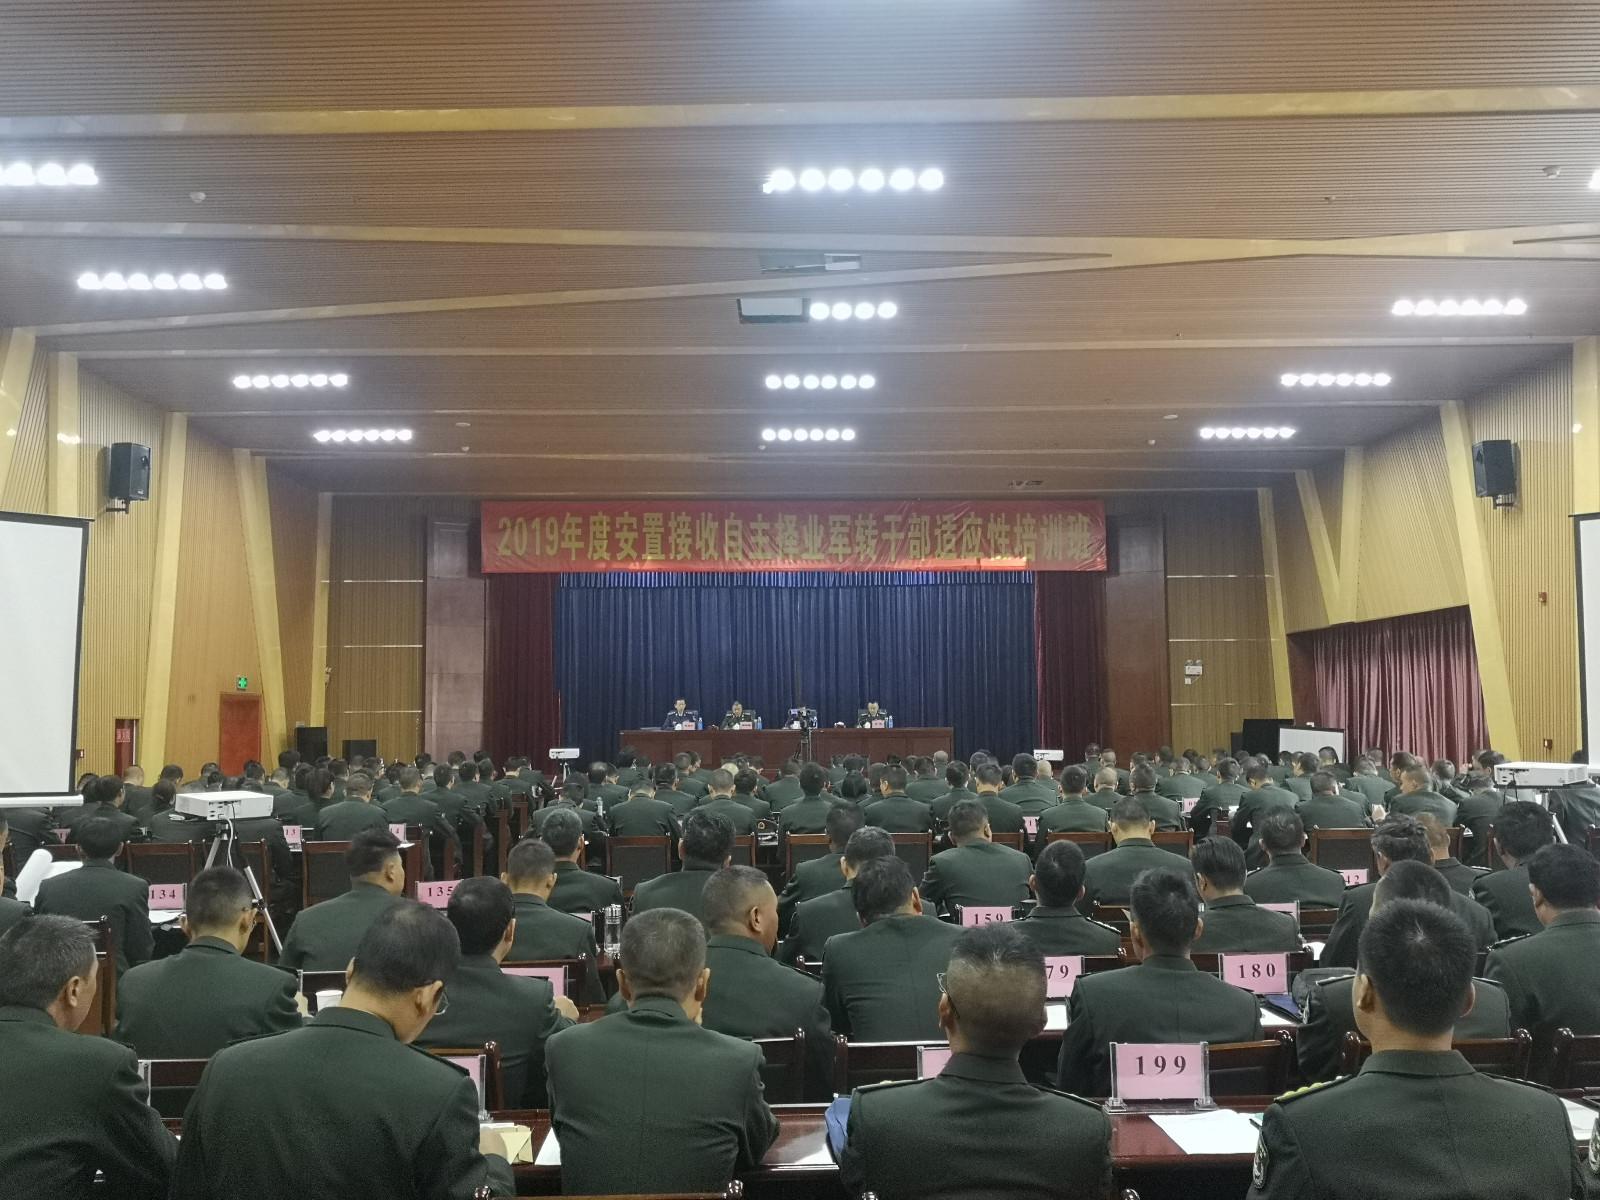 2019年西藏自主择业军转干部适应性培训班开班